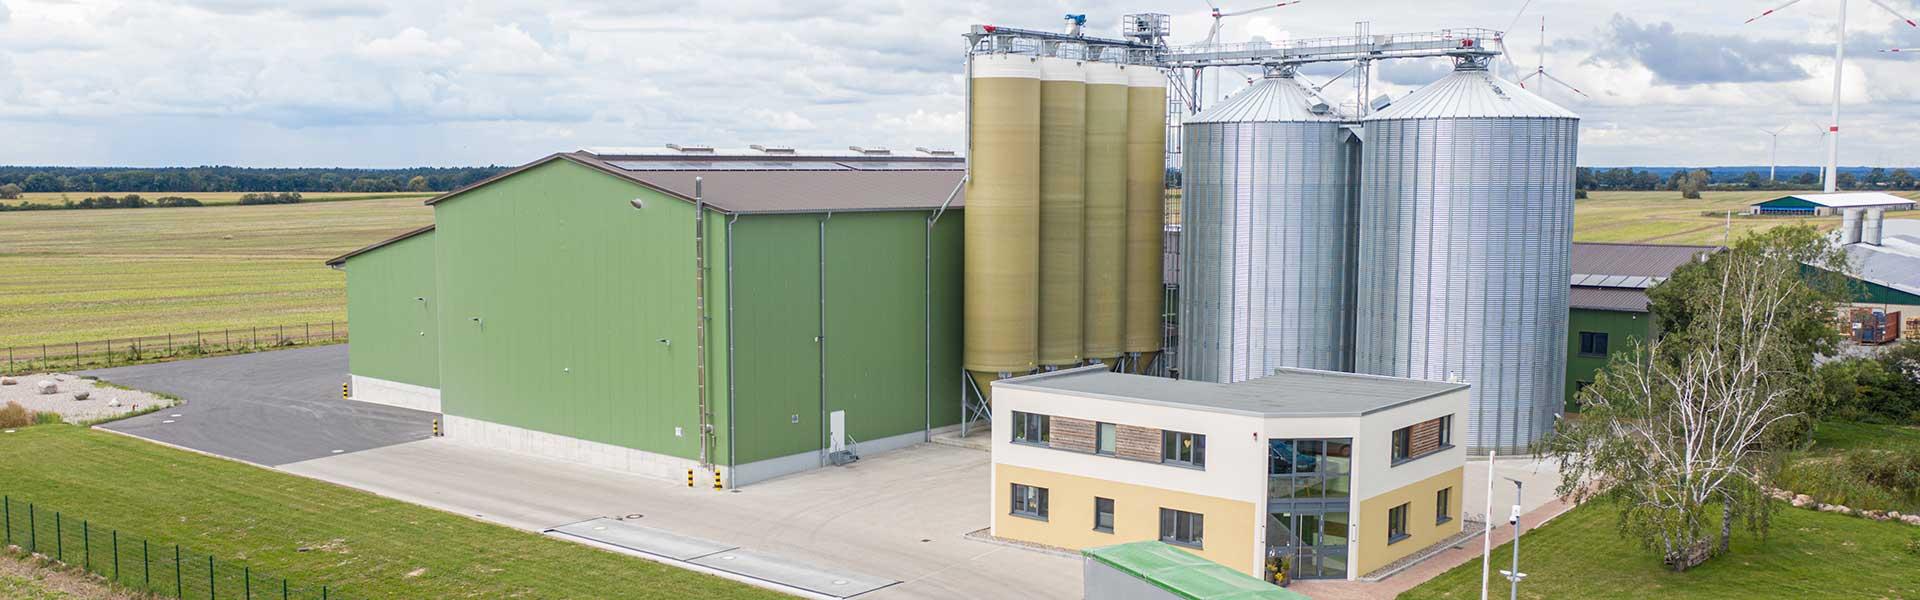 Hagemann Dienste GmbH - Futtermittelhandel deutschland- und europaweit